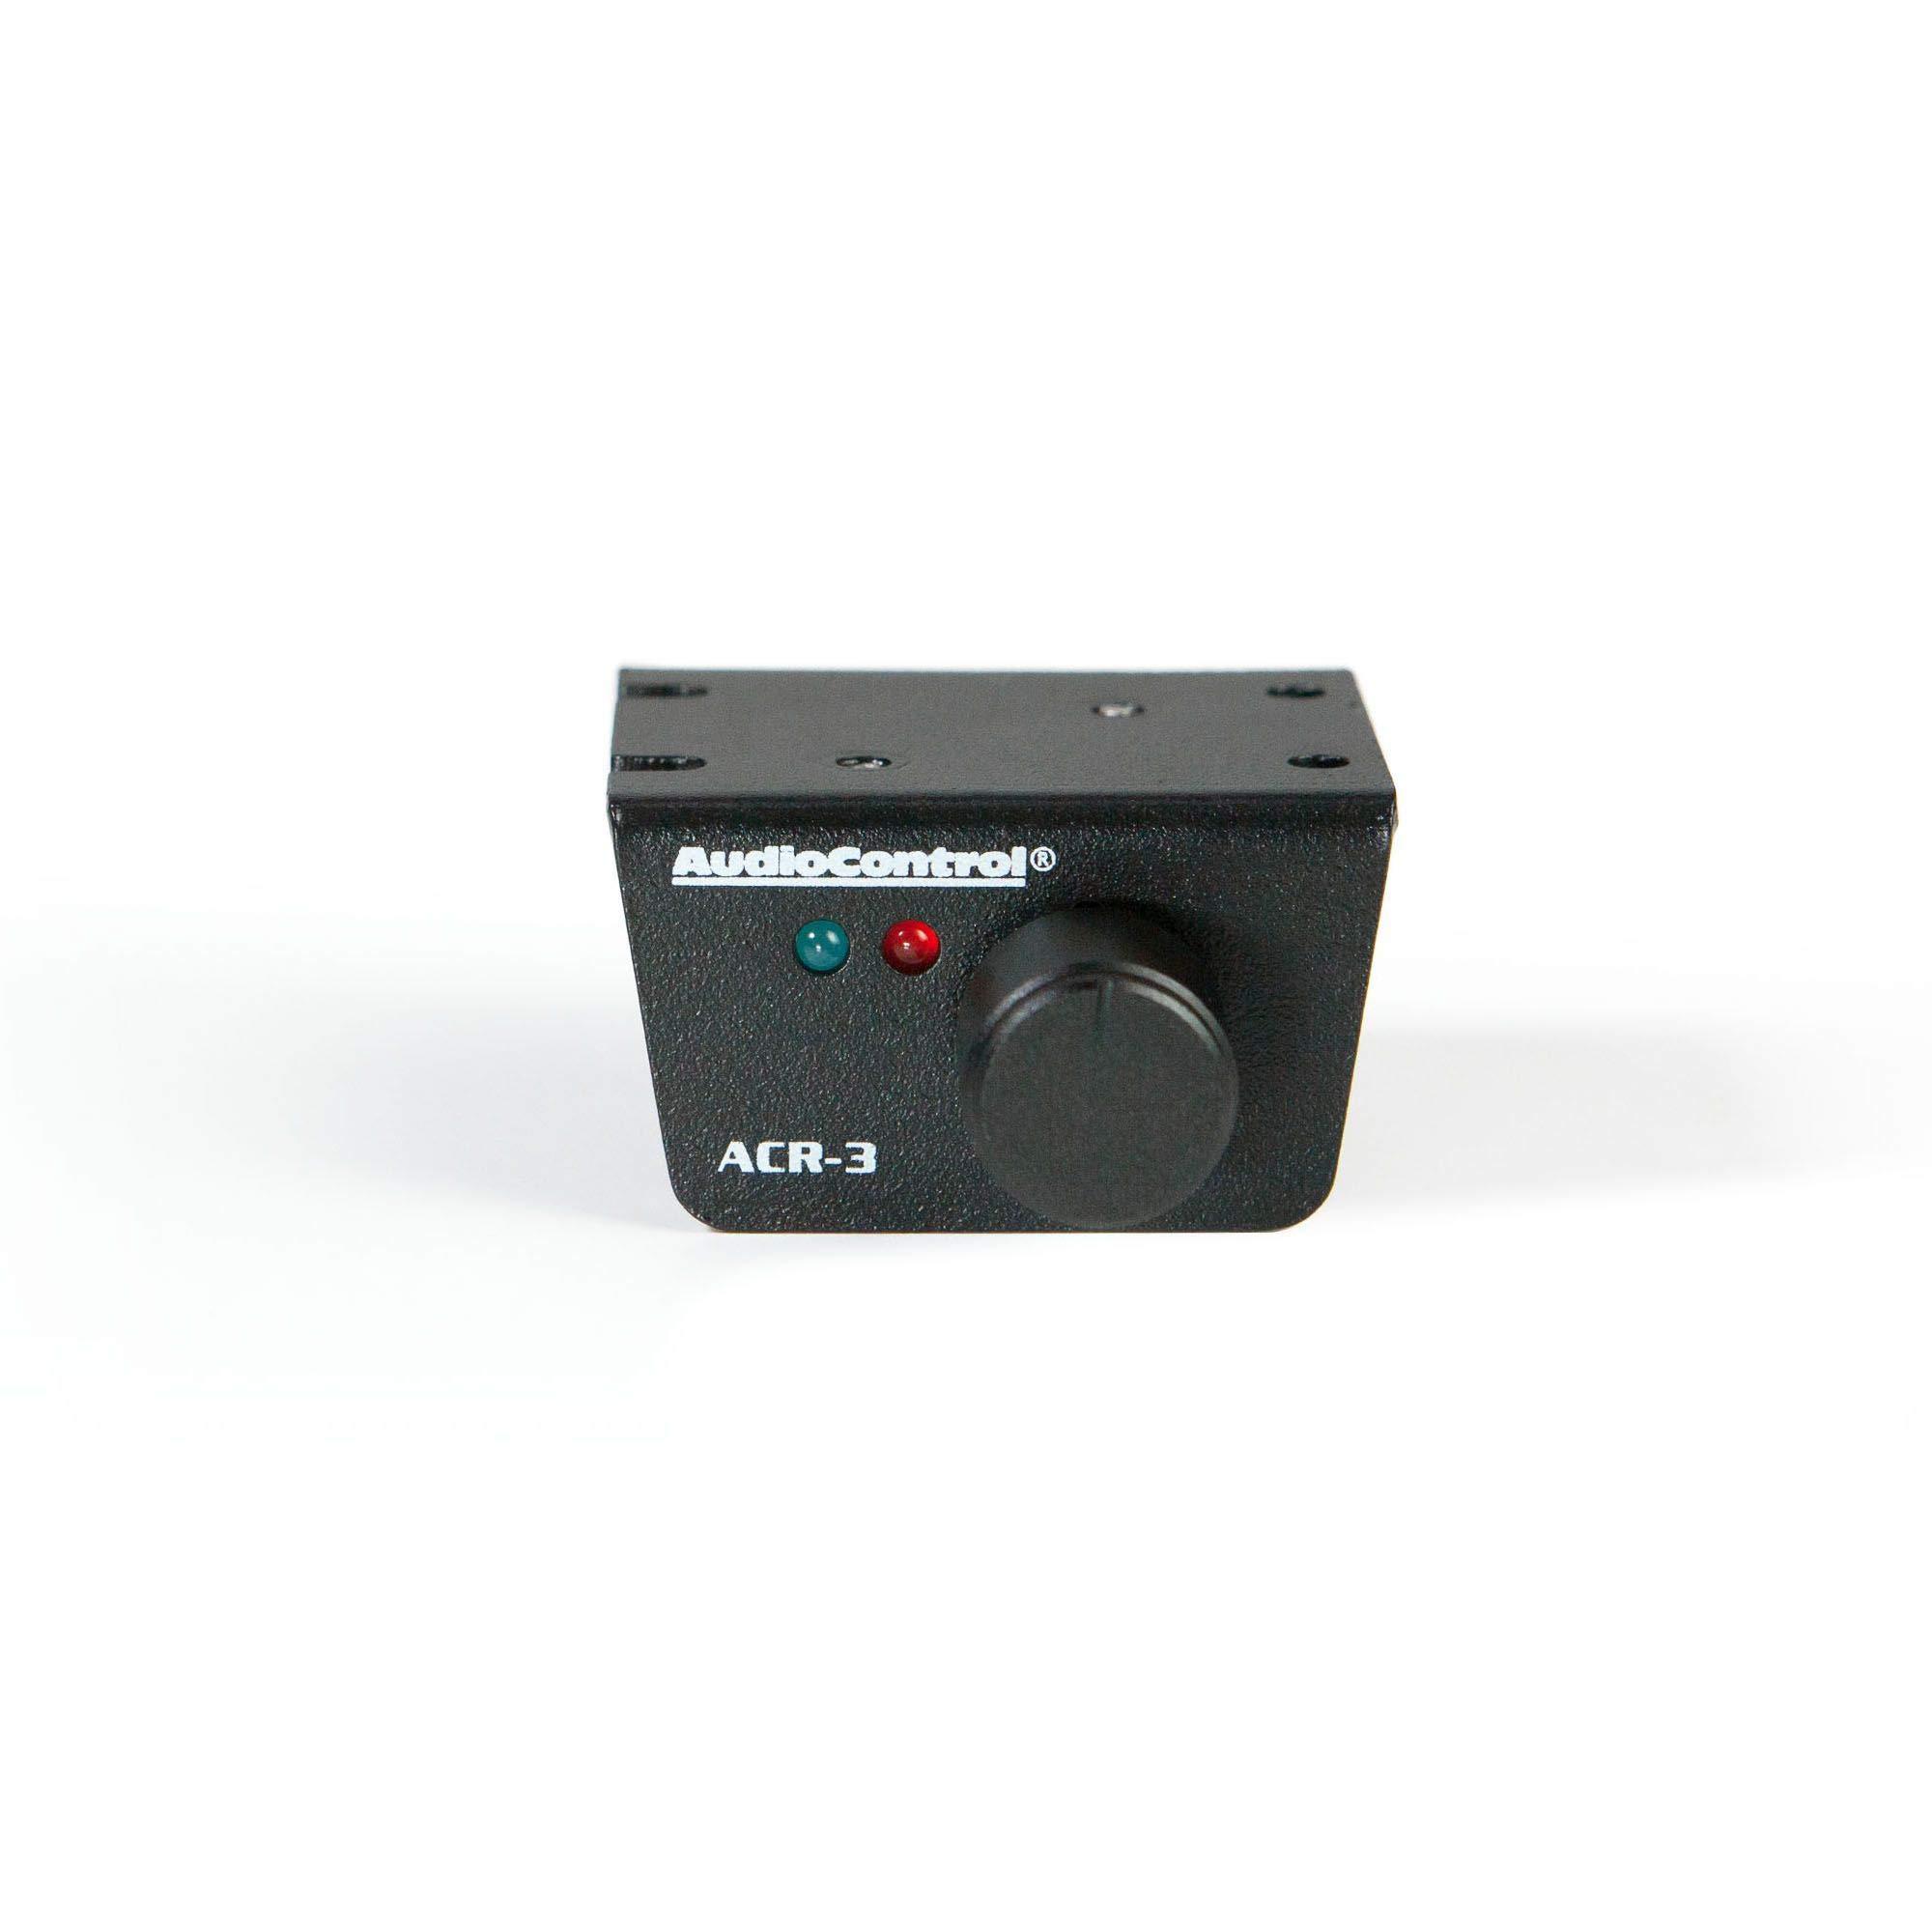 AudioControl DM-810 Premium 8 Input 10 Output DSP Matrix Processor, ACR-3 Dash Remote by AudioControl (Image #6)